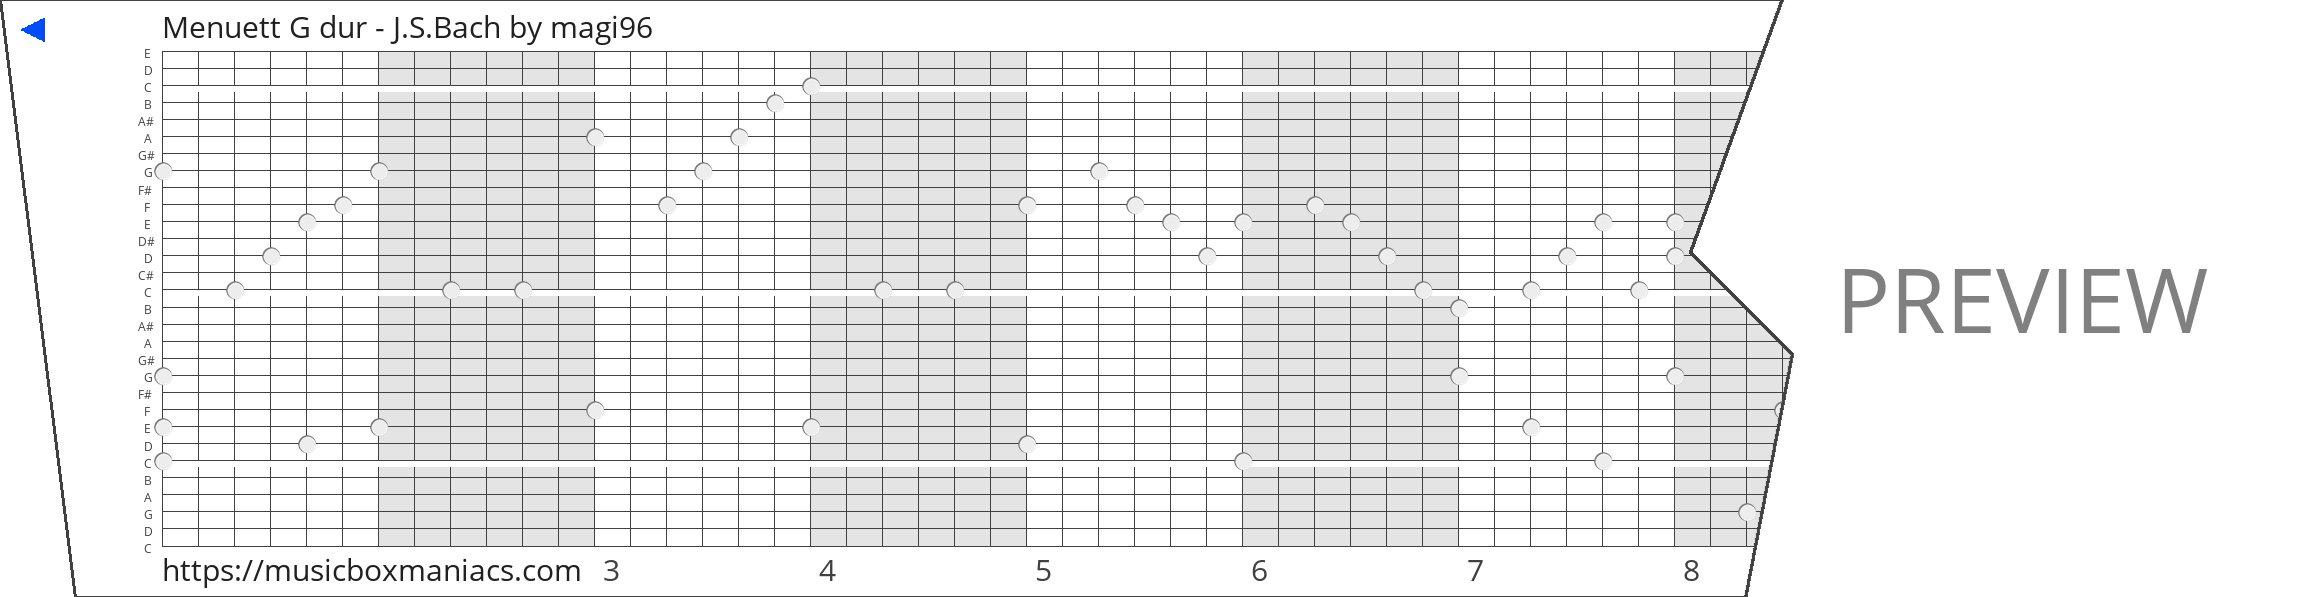 Menuett G dur - J.S.Bach 30 note music box paper strip